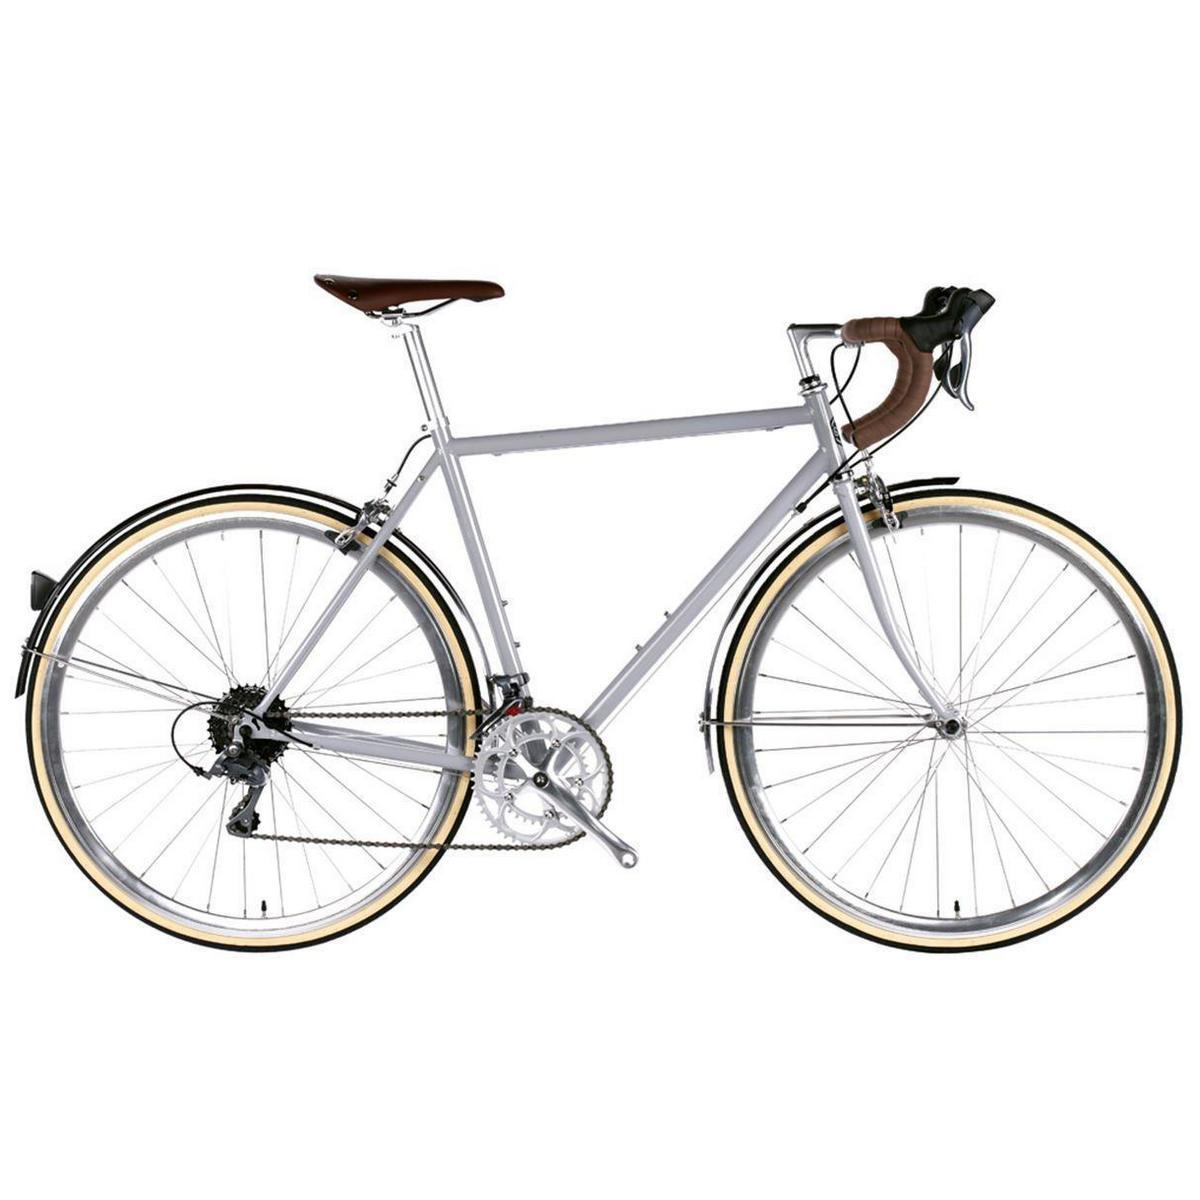 Bicicletta city TROY 16v silver Highland large 58cm